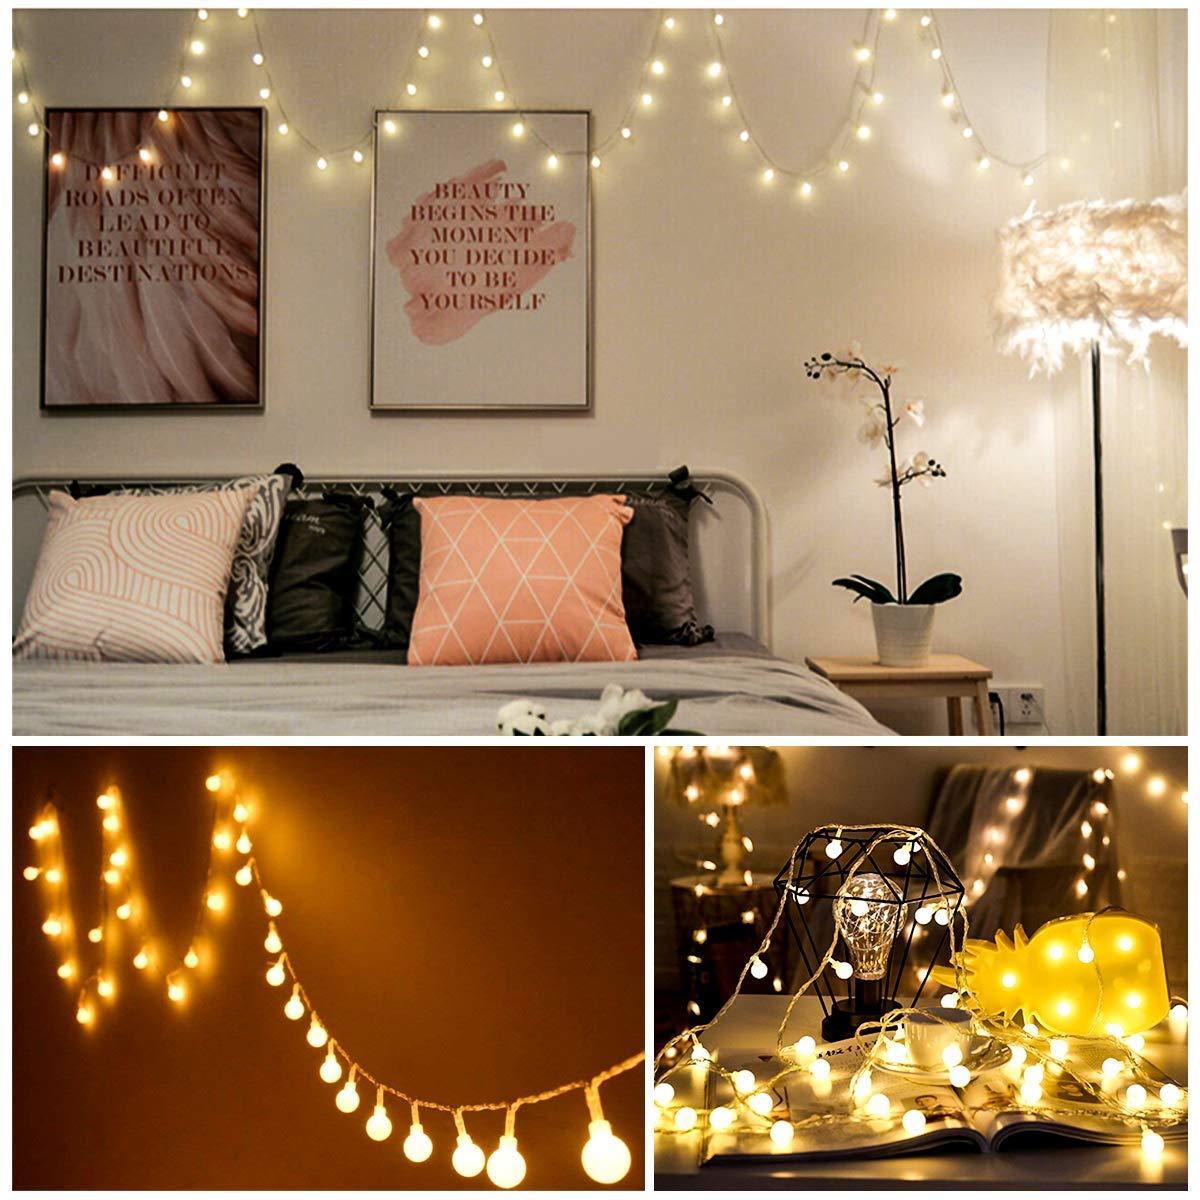 LOBKIN Batteriebetriebene Lichterketten, 50 LED 5m 8-Mode-Terrassenleuchten, Fernbedienung, wasserdicht und dimmbar, Kristallkugel-Lichterketten für Hochzeit, Party, Weihnachtsdekoration